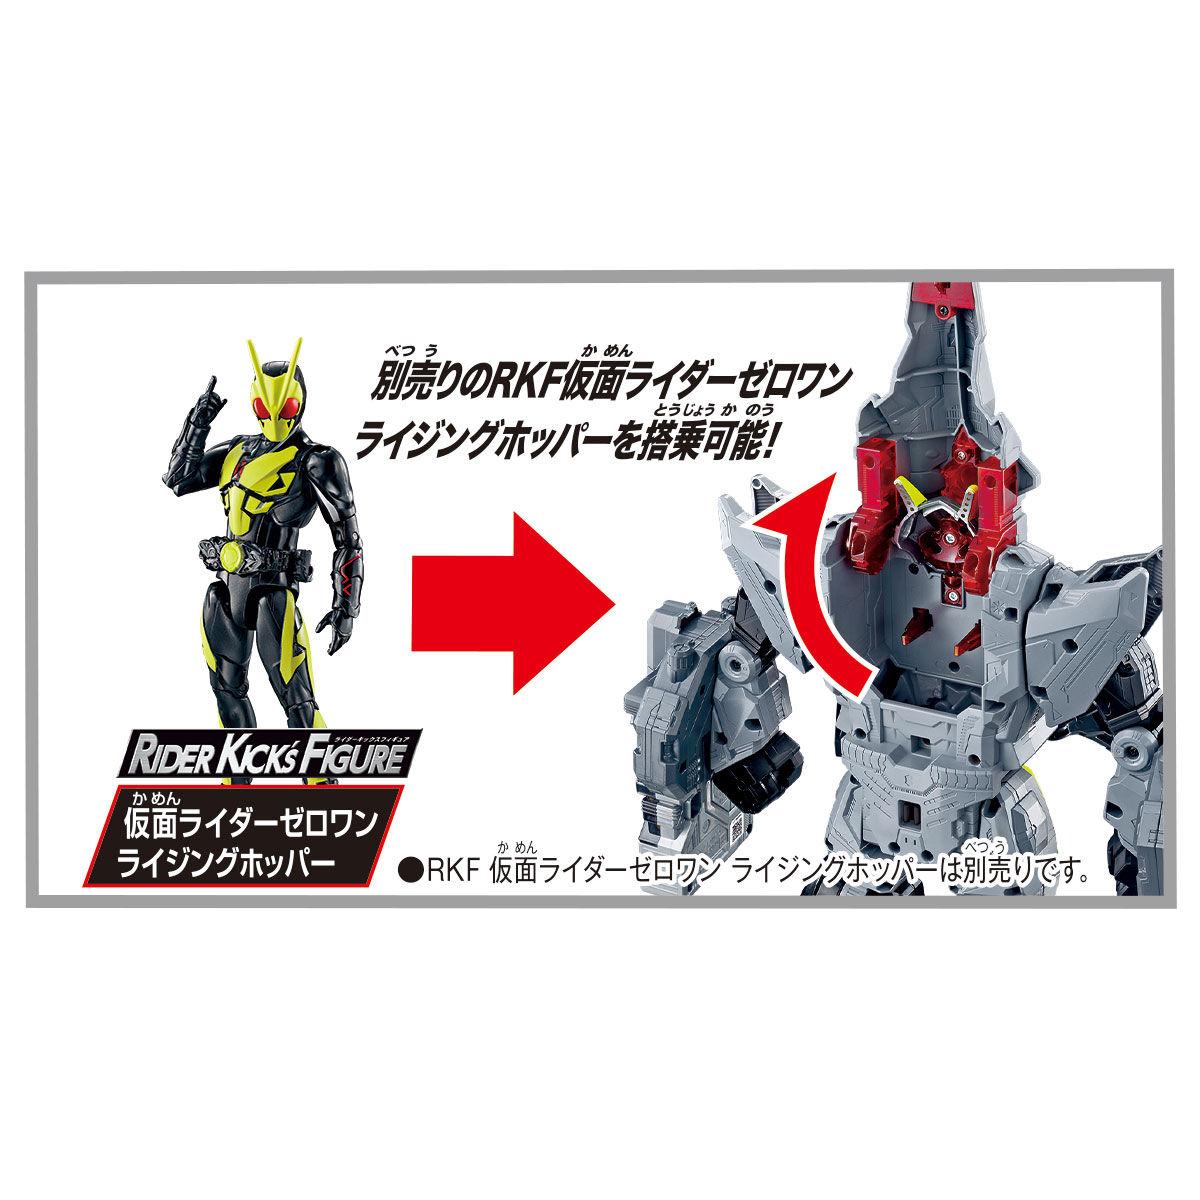 仮面ライダーゼロワン『DXブレイキングマンモス&ブレイキングマンモスプログライズキー』変身なりきり-006